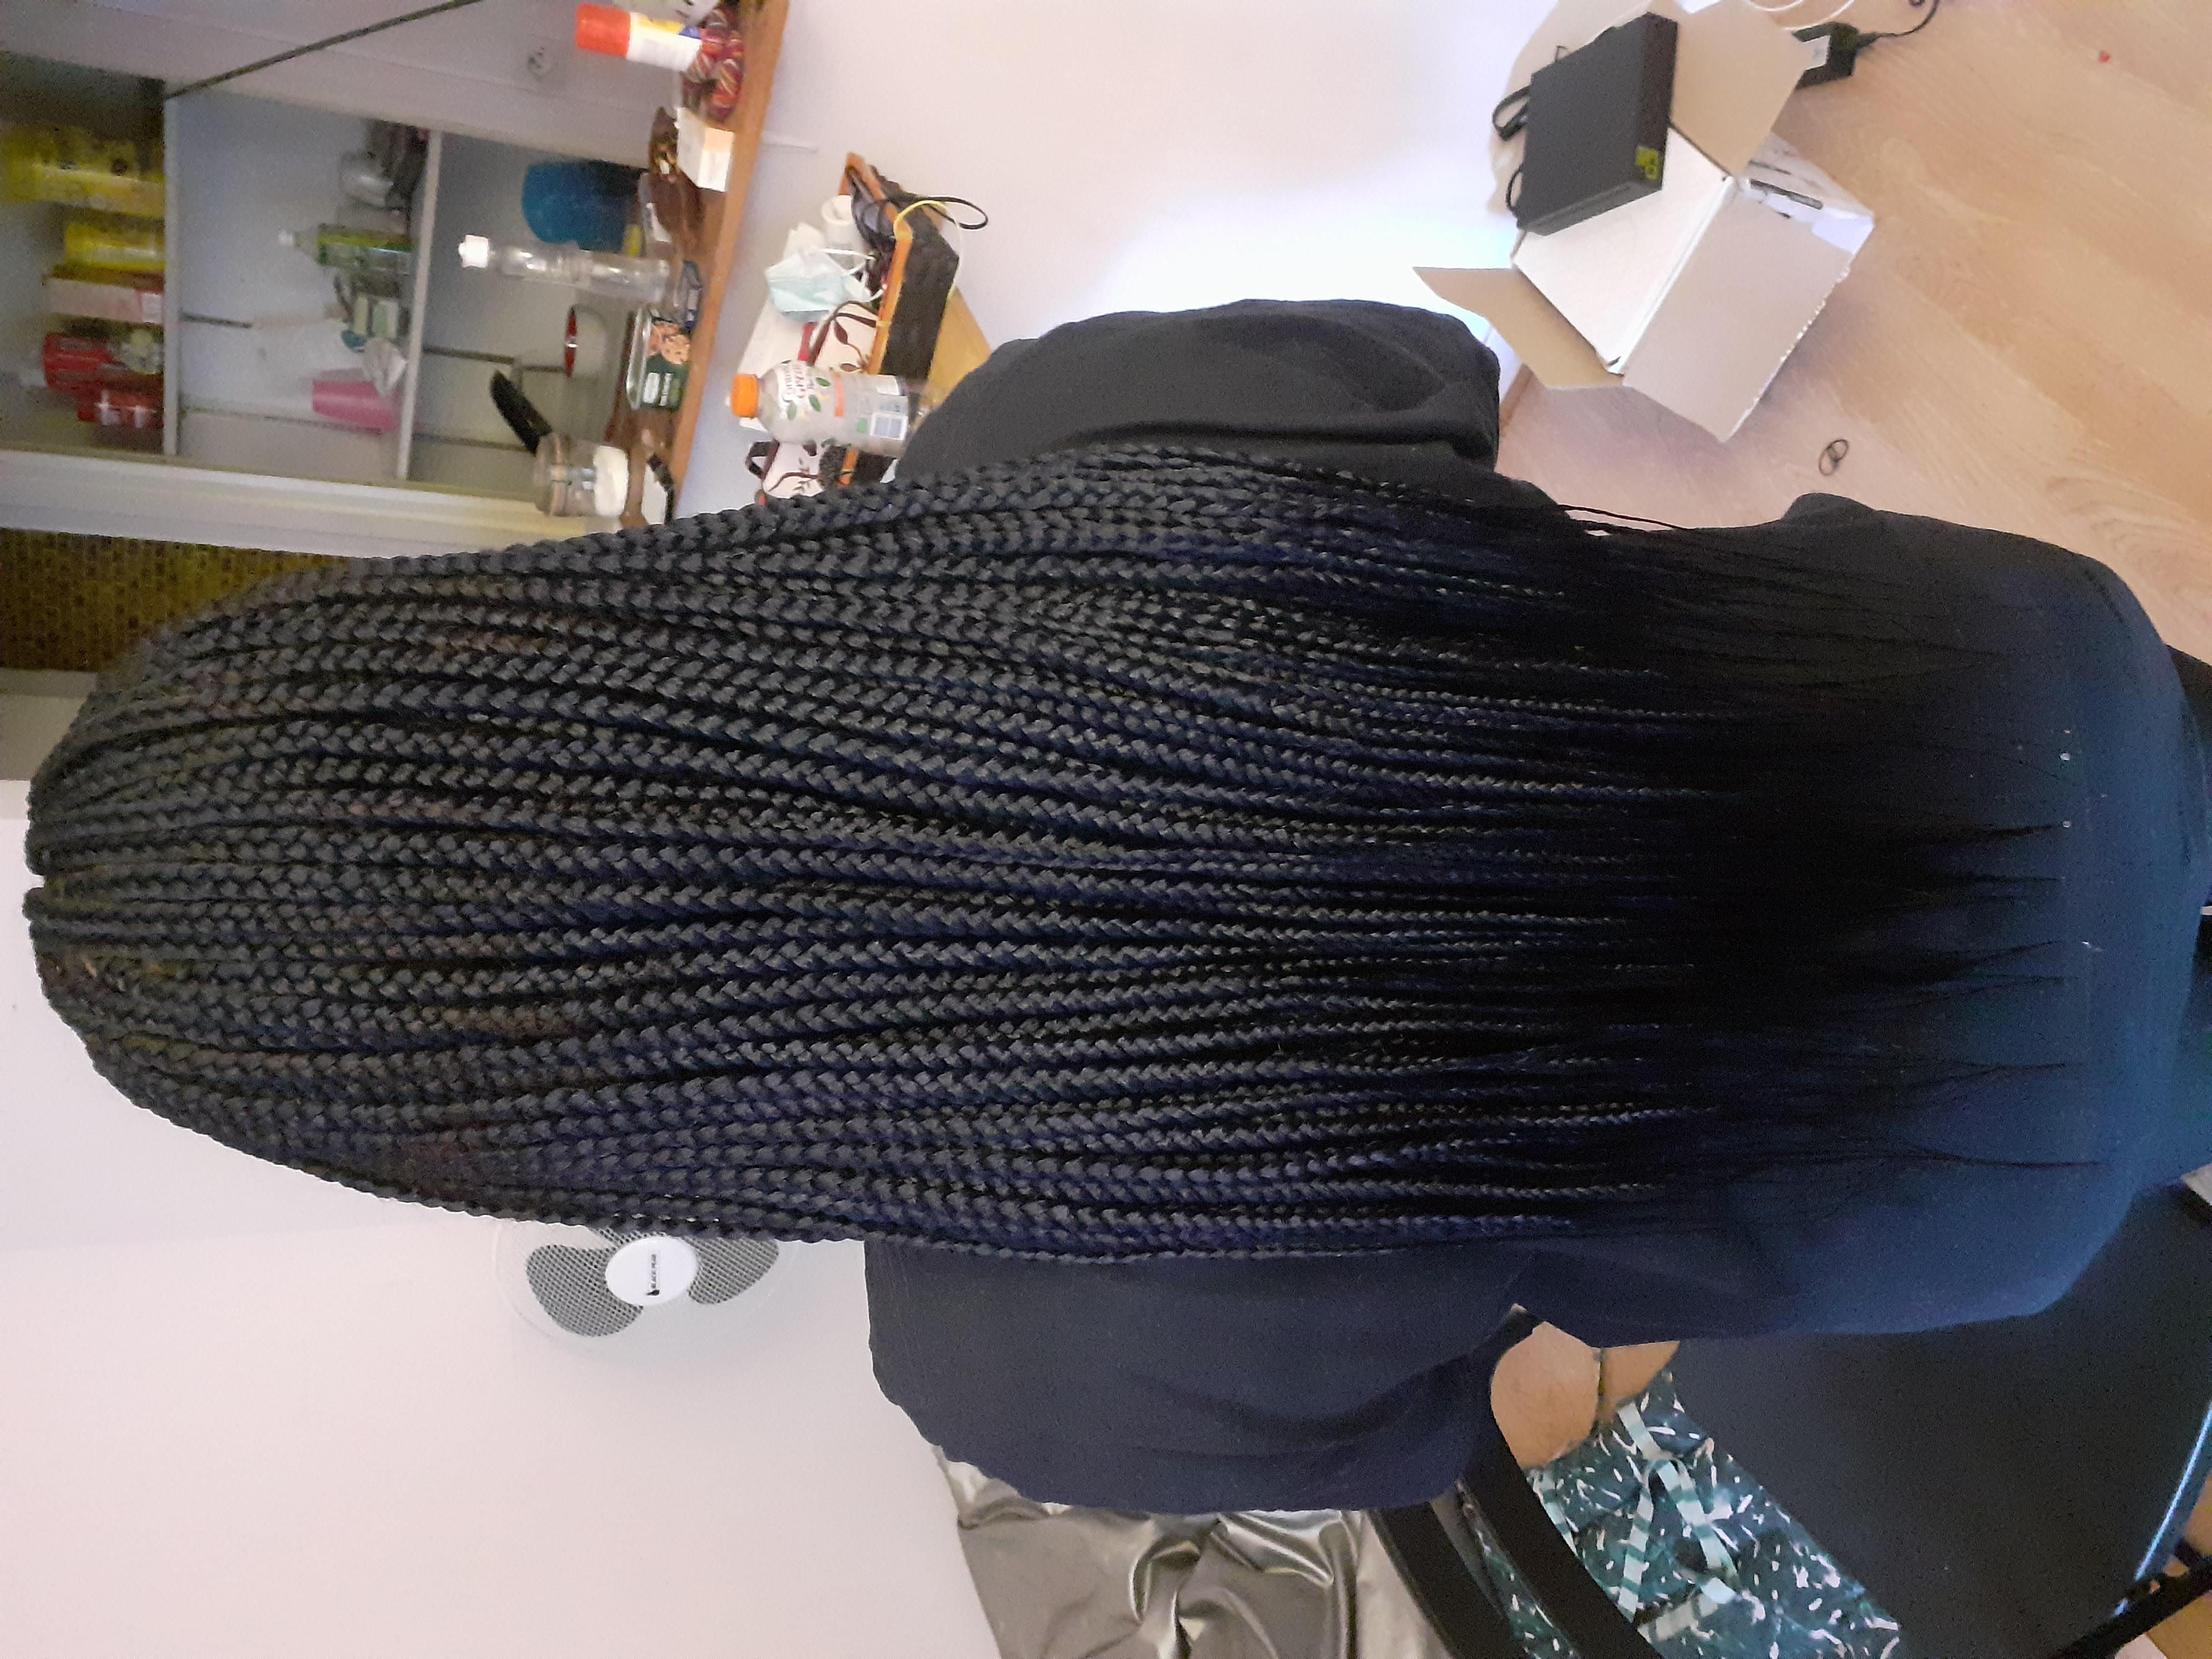 salon de coiffure afro tresse tresses box braids crochet braids vanilles tissages paris 75 77 78 91 92 93 94 95 DMMXVBLF